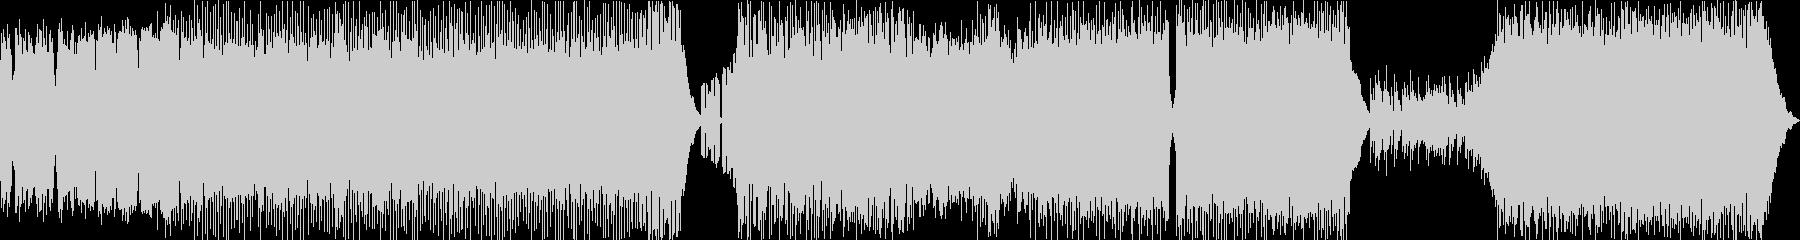 表裏の激しいエレクトロ楽曲の未再生の波形